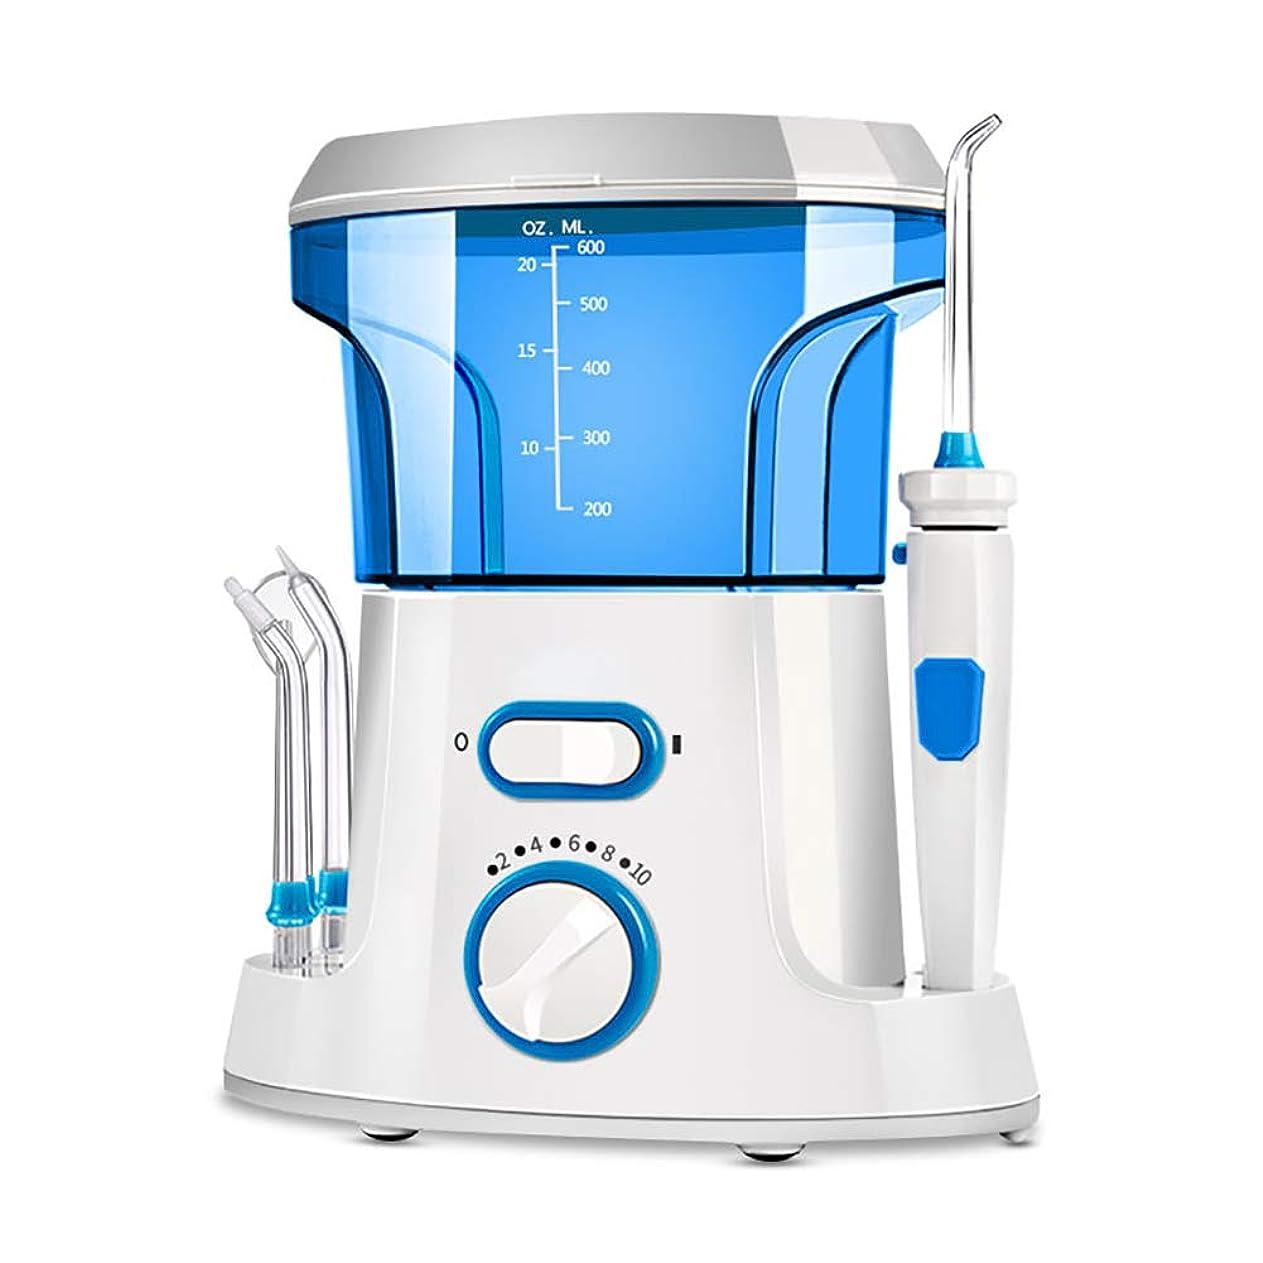 責任好ましい歯電気歯の洗剤のキットの世帯の自動理性的な口腔きれいな歯